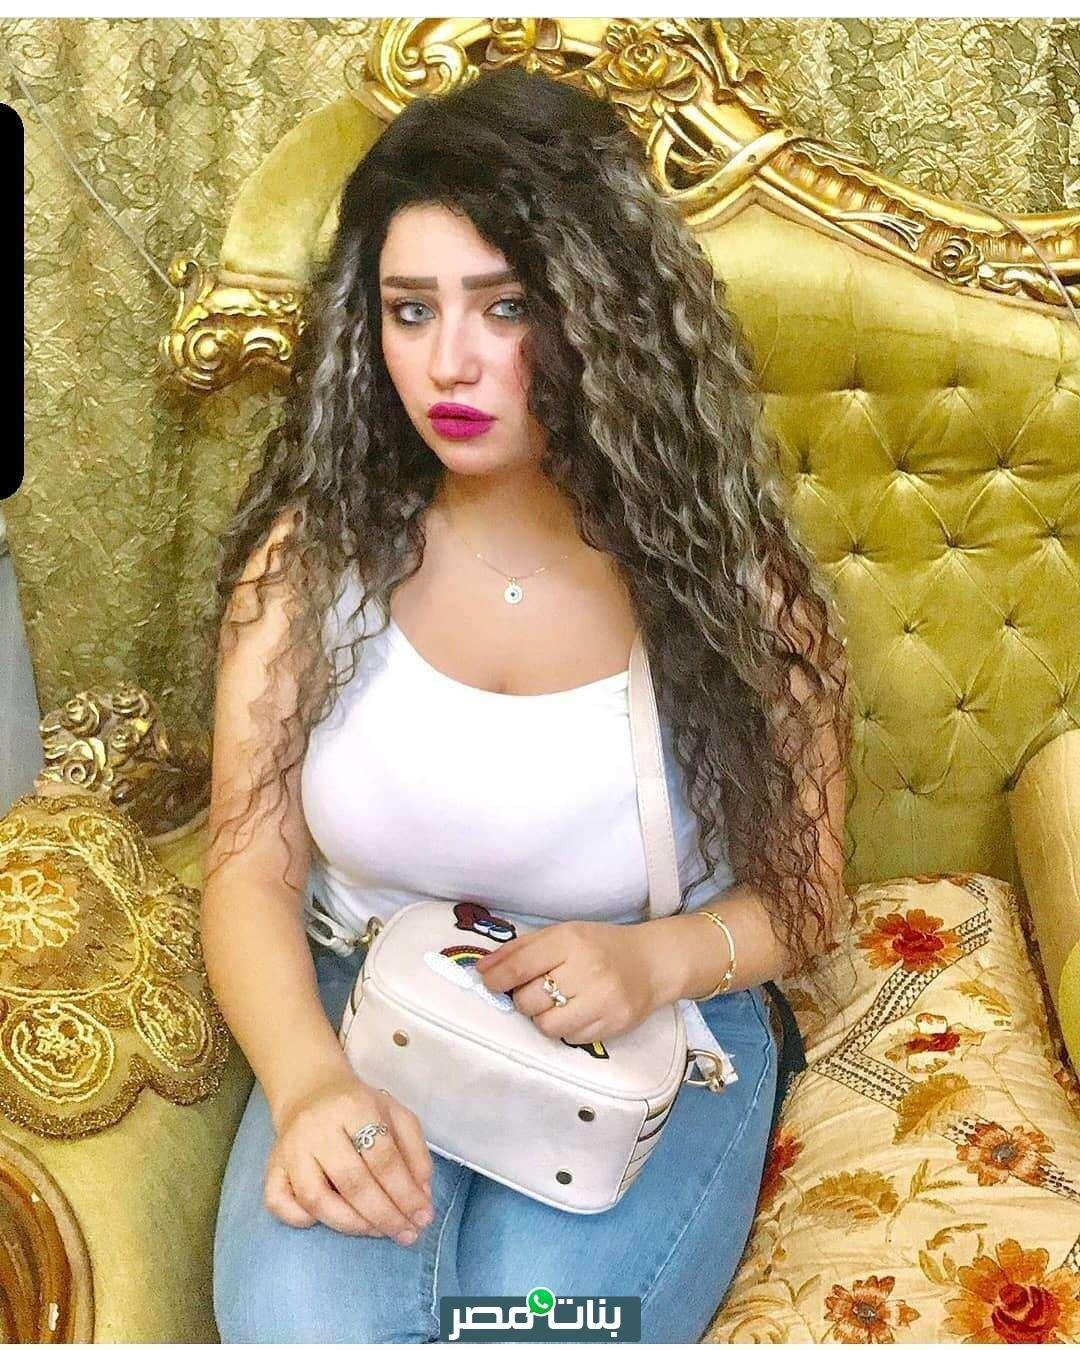 ارقام بنات شغالة جديده 2019 ارقام بنات واسمائهم ارقام بنات مصرية حقيقية